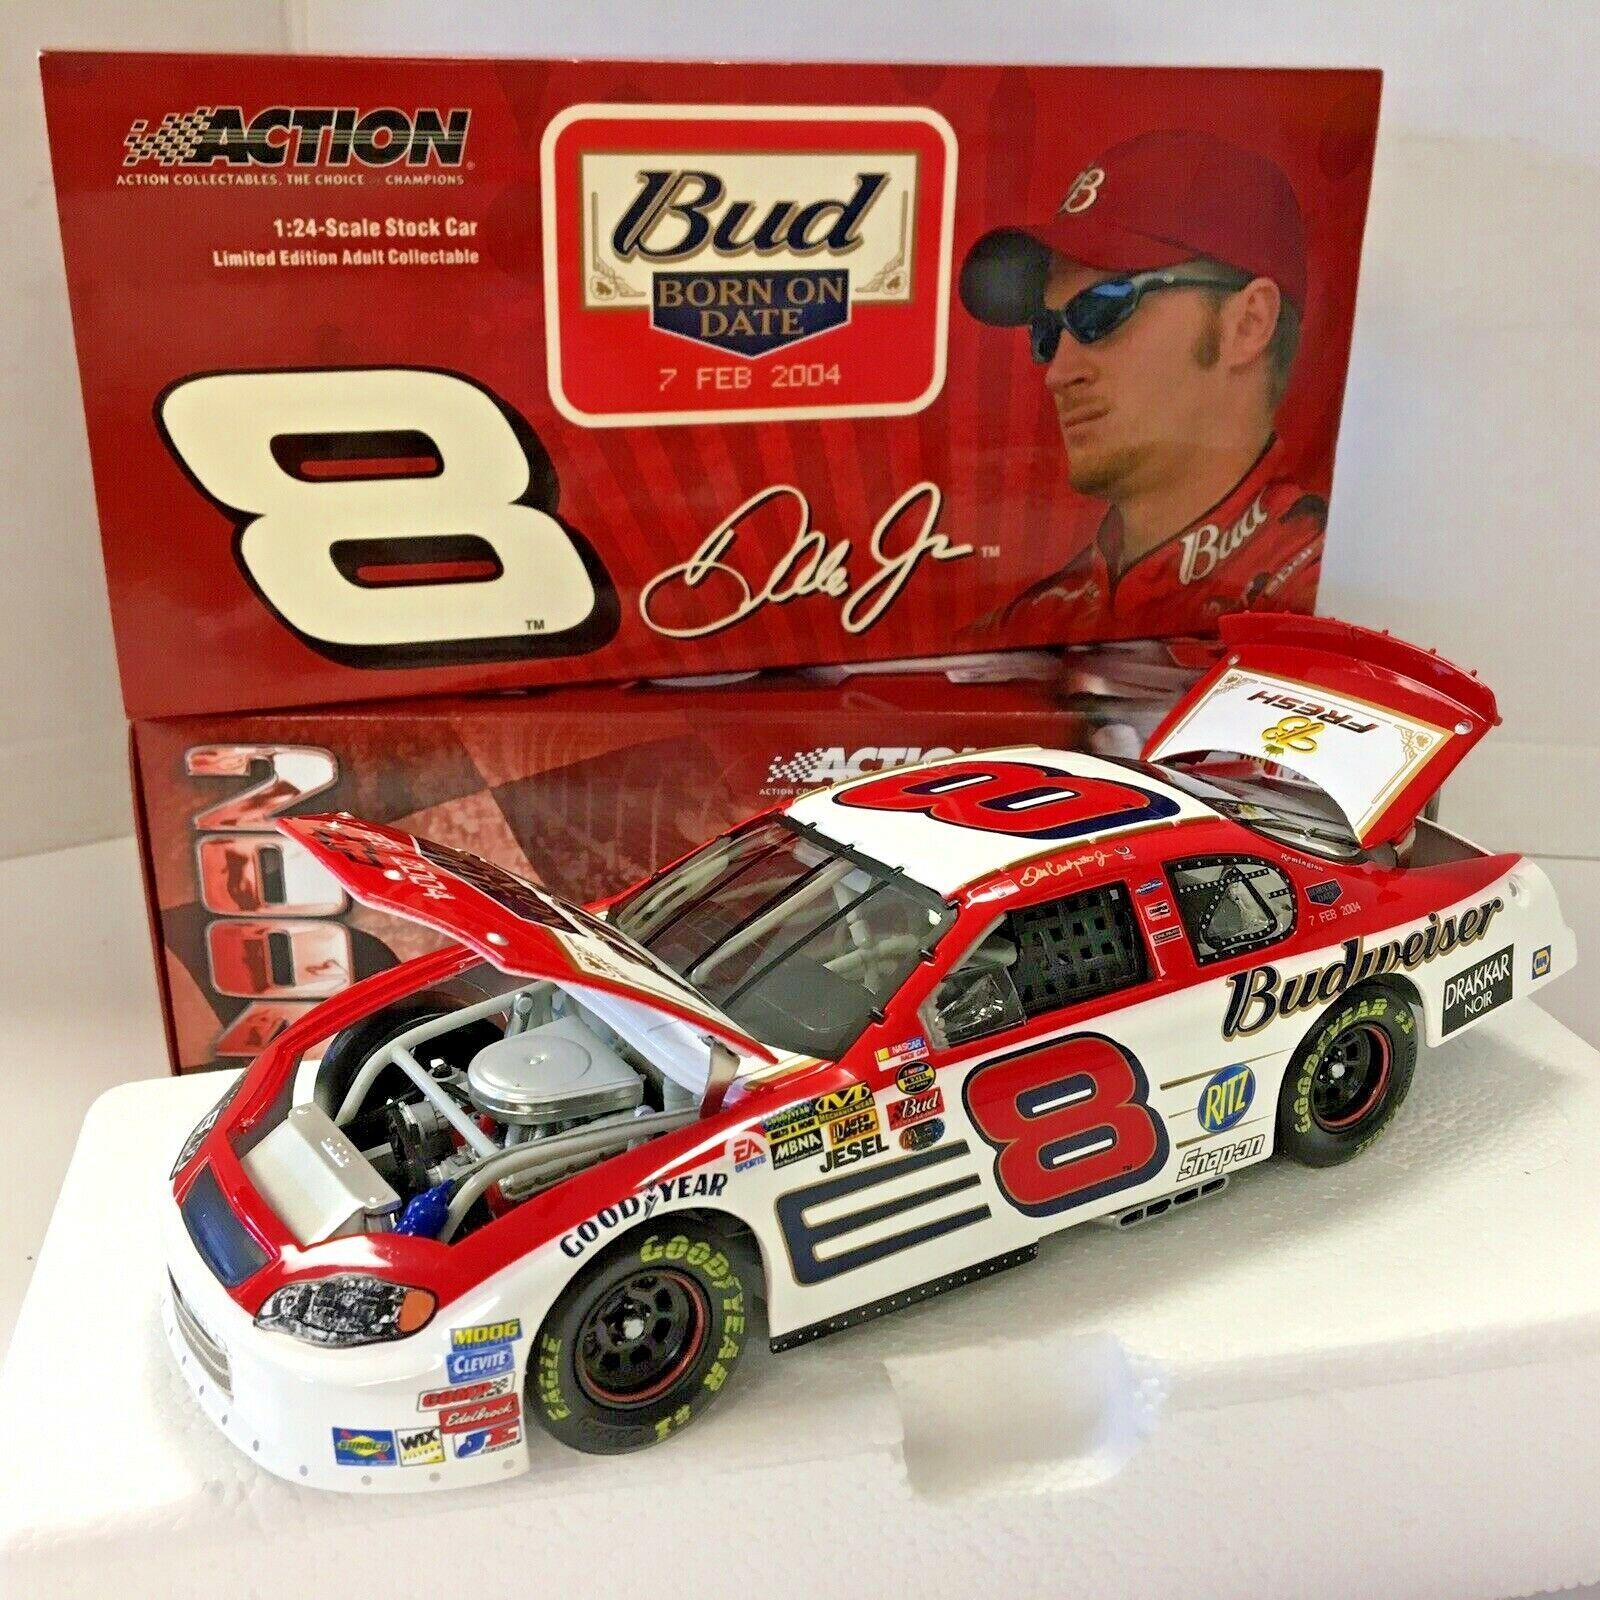 promociones MIB Dale Earnhardt Jr  8 8 8 Budweiser nacido en fecha 2004 MonteCochelo 1 24 Diecast  hasta 42% de descuento